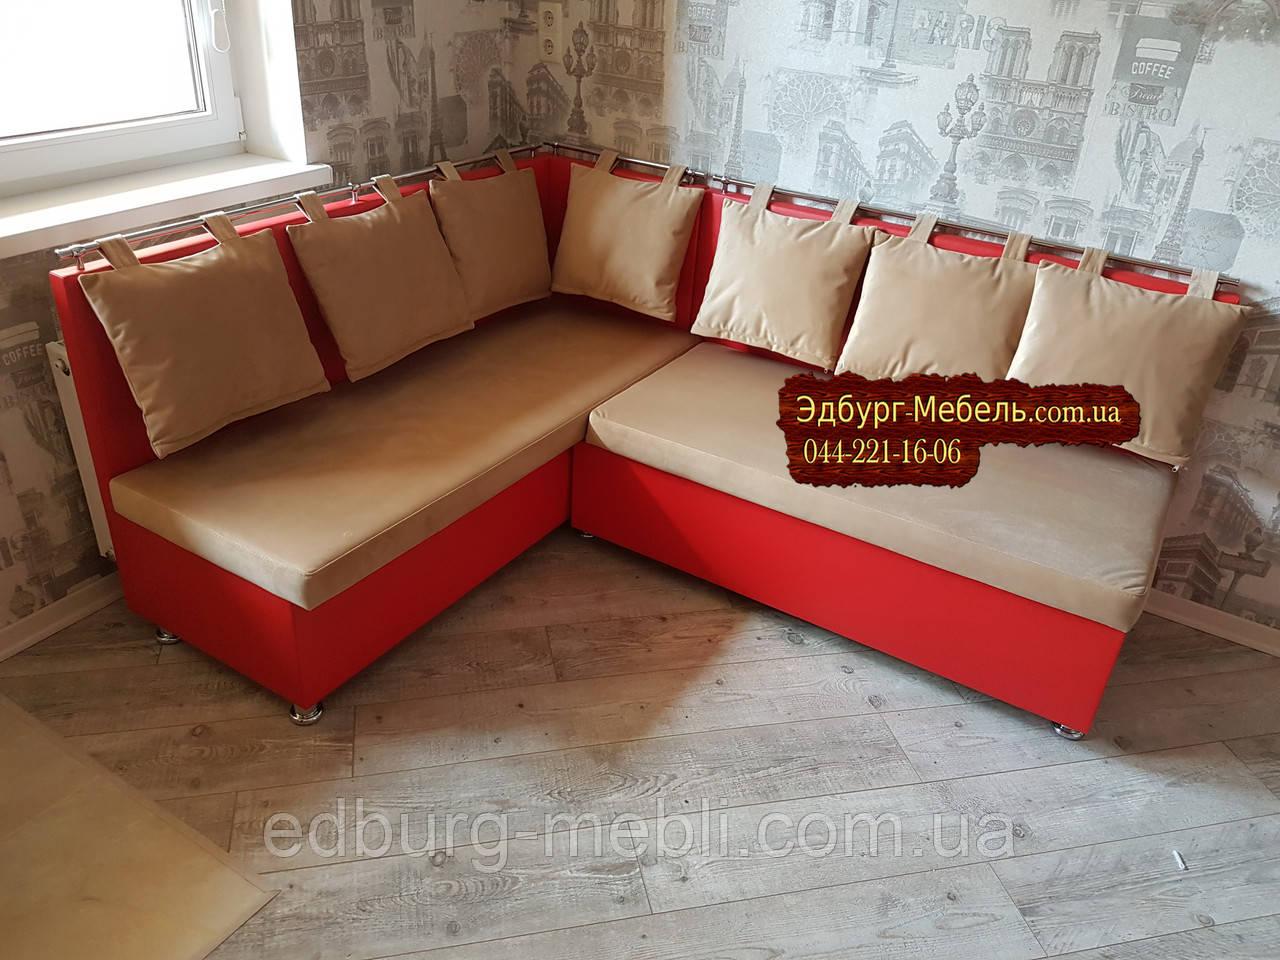 Кухонний куточок зі спальним місцем на замовлення Бориспіль